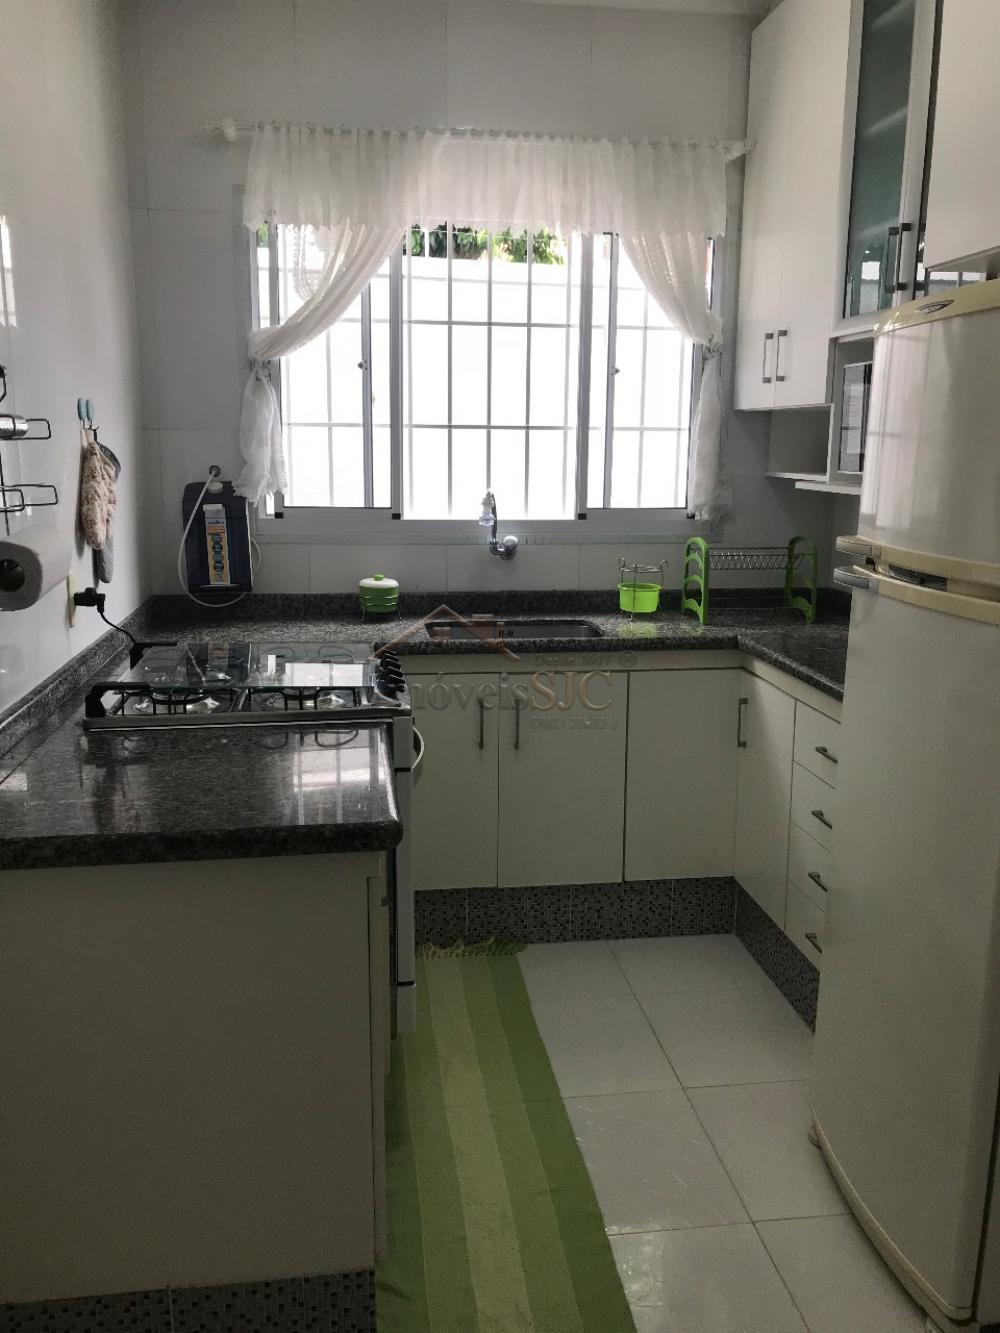 Comprar Casas / Condomínio em São José dos Campos apenas R$ 649.000,00 - Foto 6